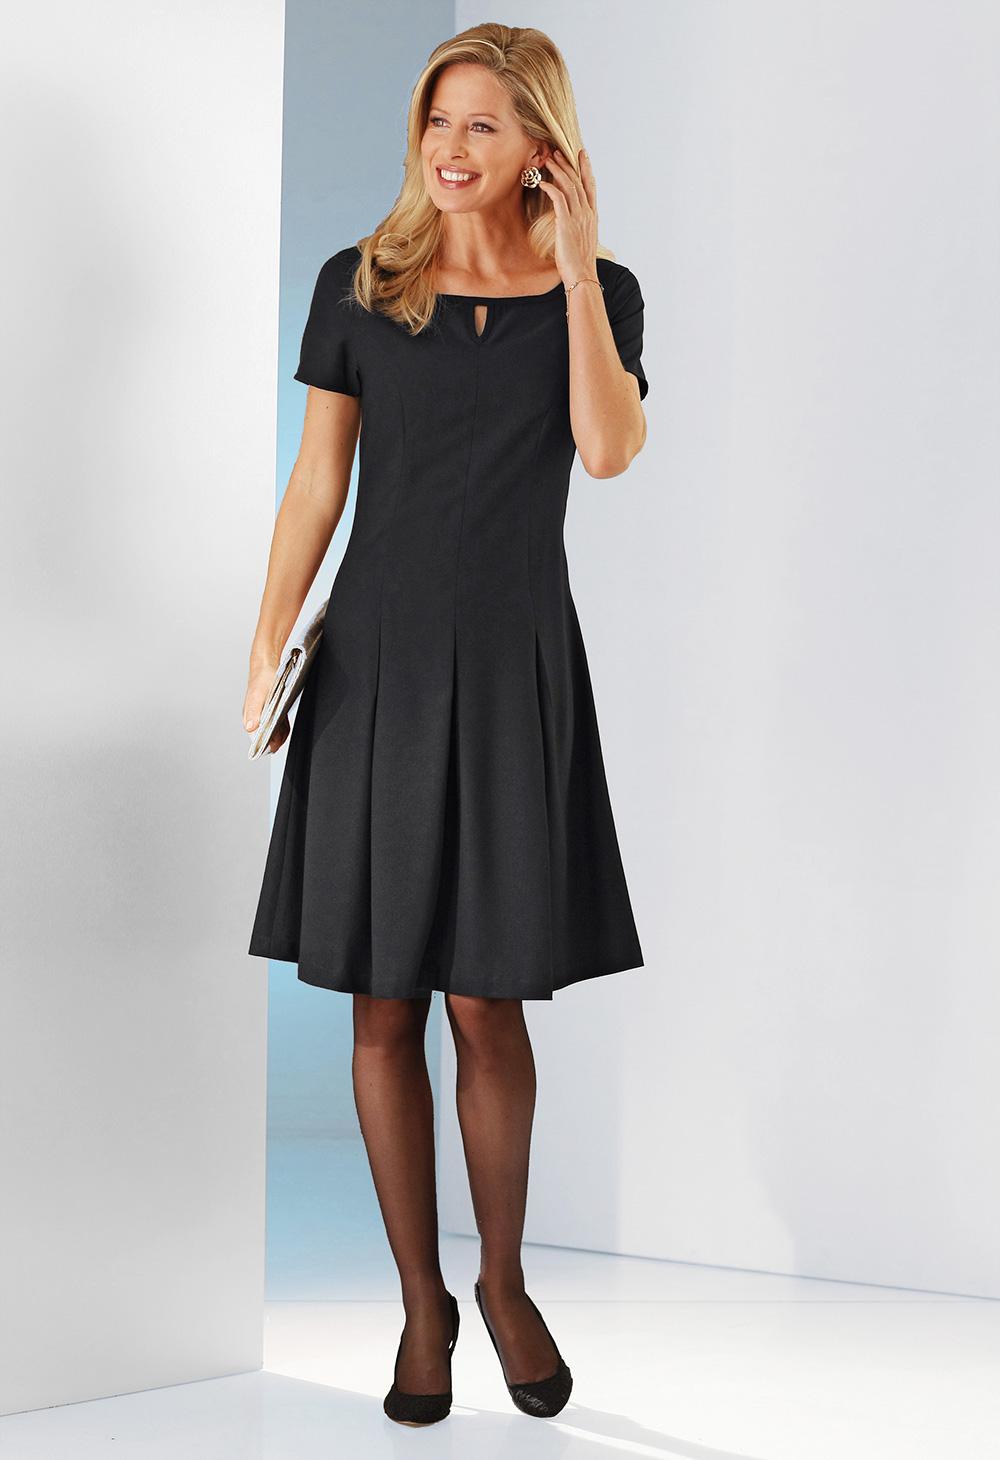 la petite robe noire faite pour moi. Black Bedroom Furniture Sets. Home Design Ideas